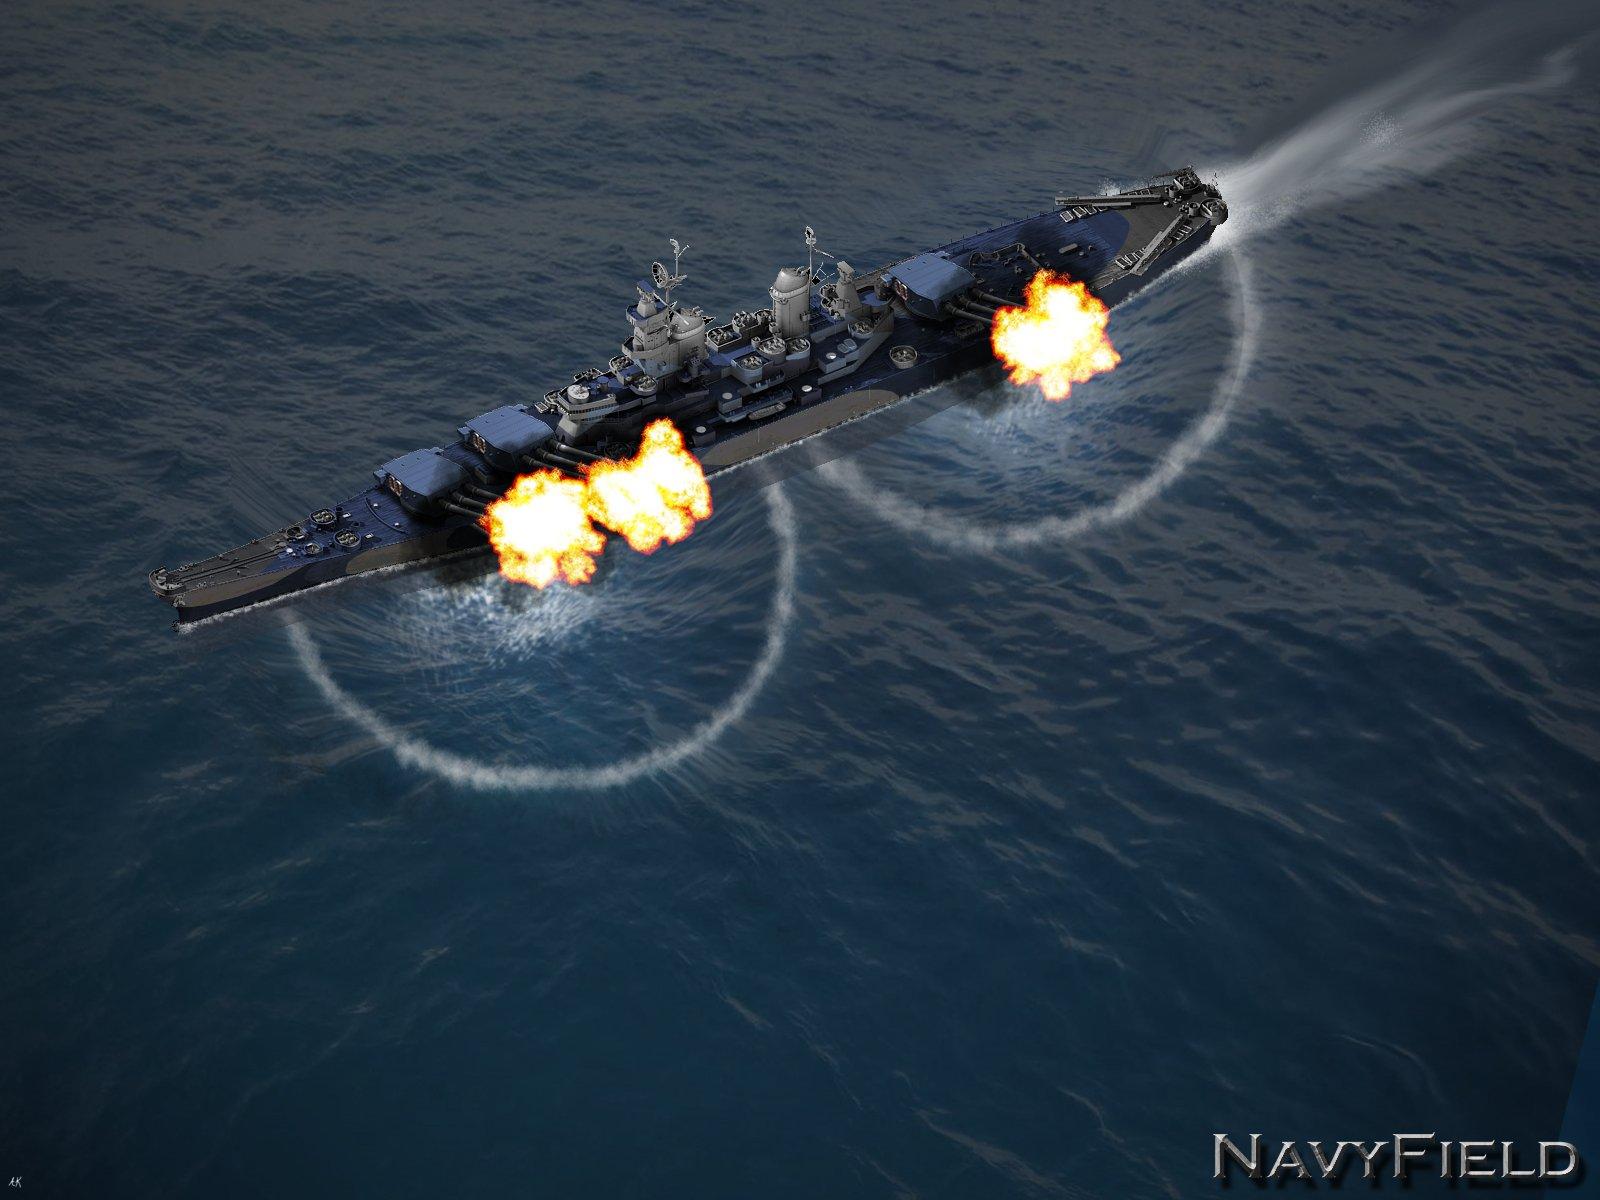 Администрация бесплатной многопользовательской онлайн-стратегии Navy Field сообщила о предстоящих турнирах на выходн .... - Изображение 1